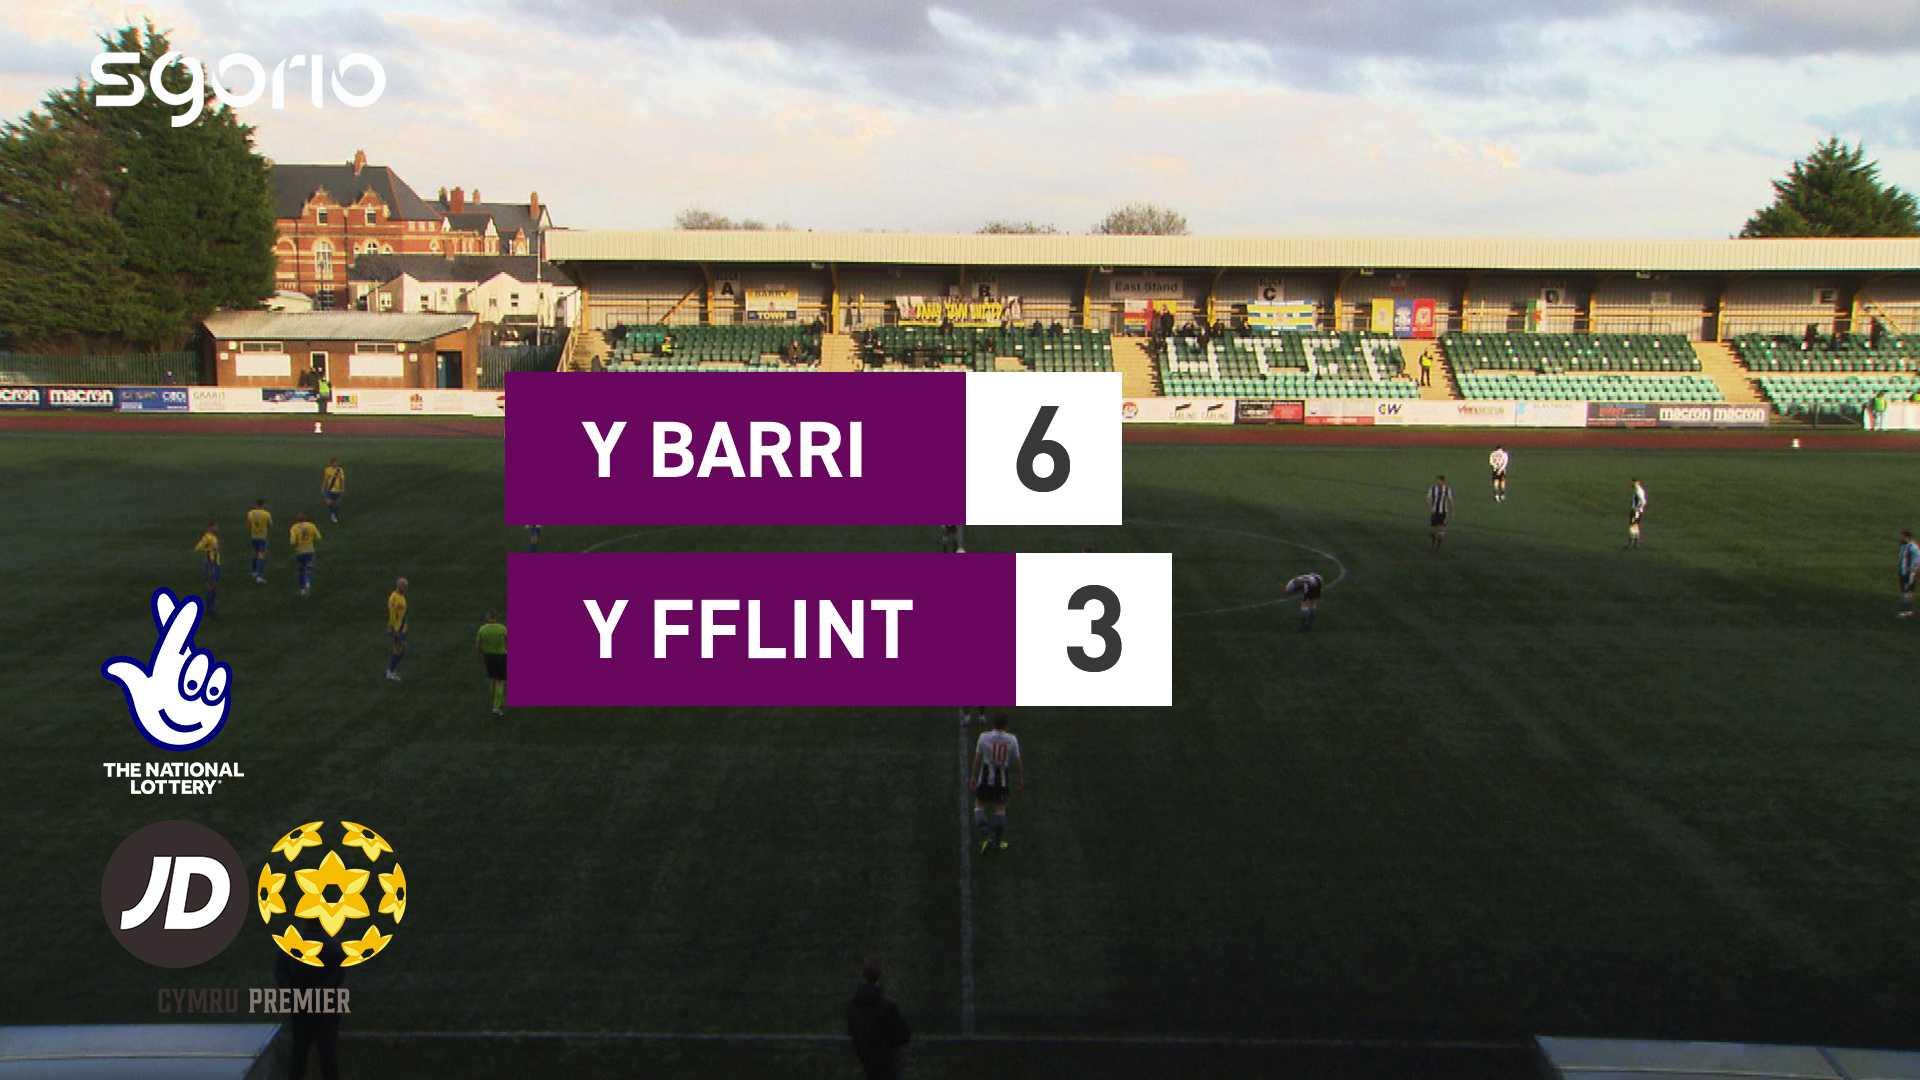 Y Barri 6-3 Y Fflint